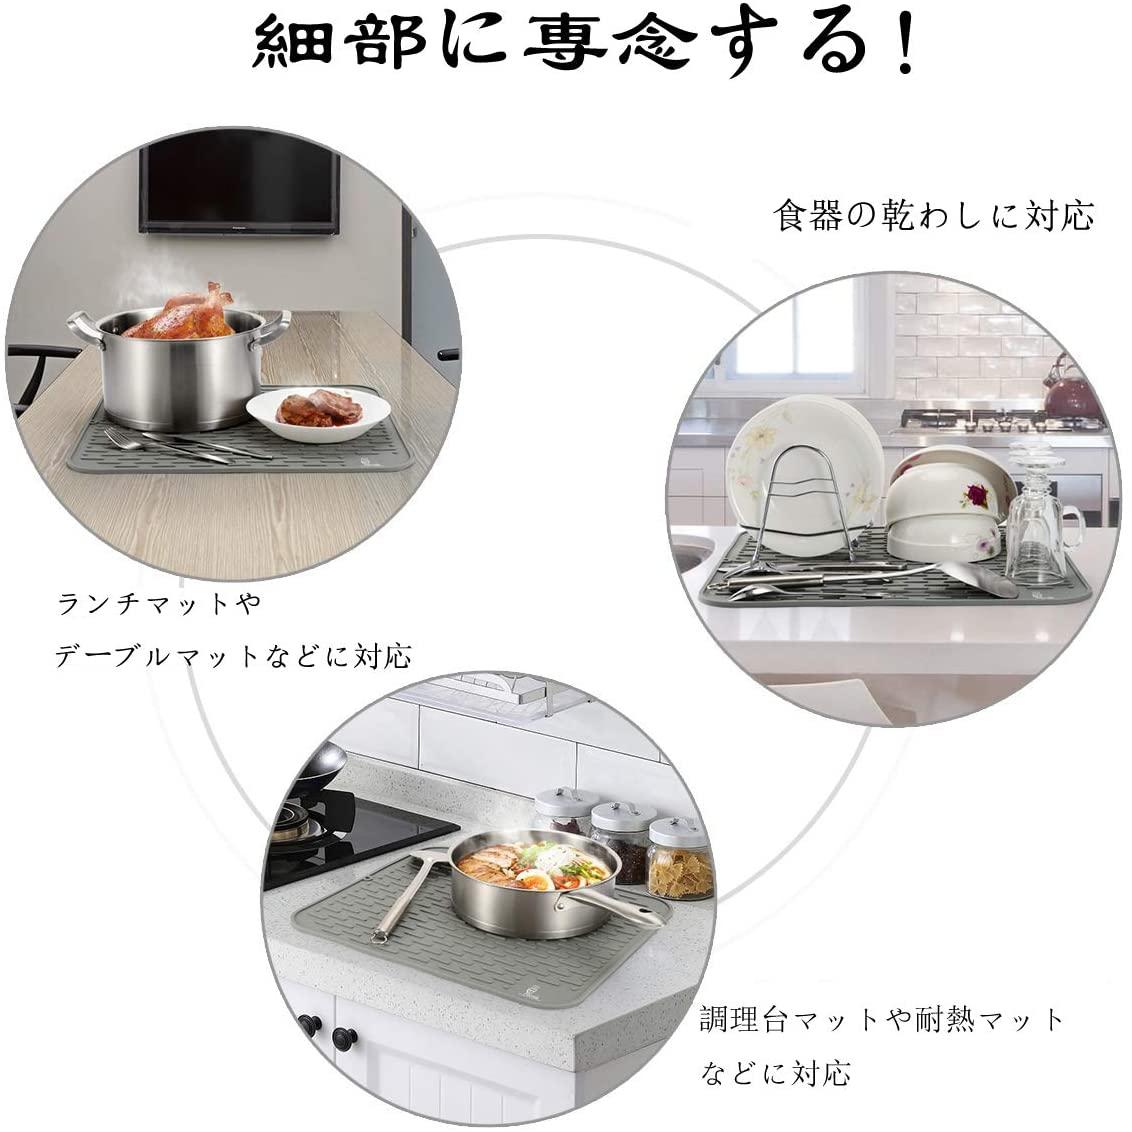 SUPER KITCHEN(スーパーキッチン) 大判 シリコン 水切りマットの商品画像7